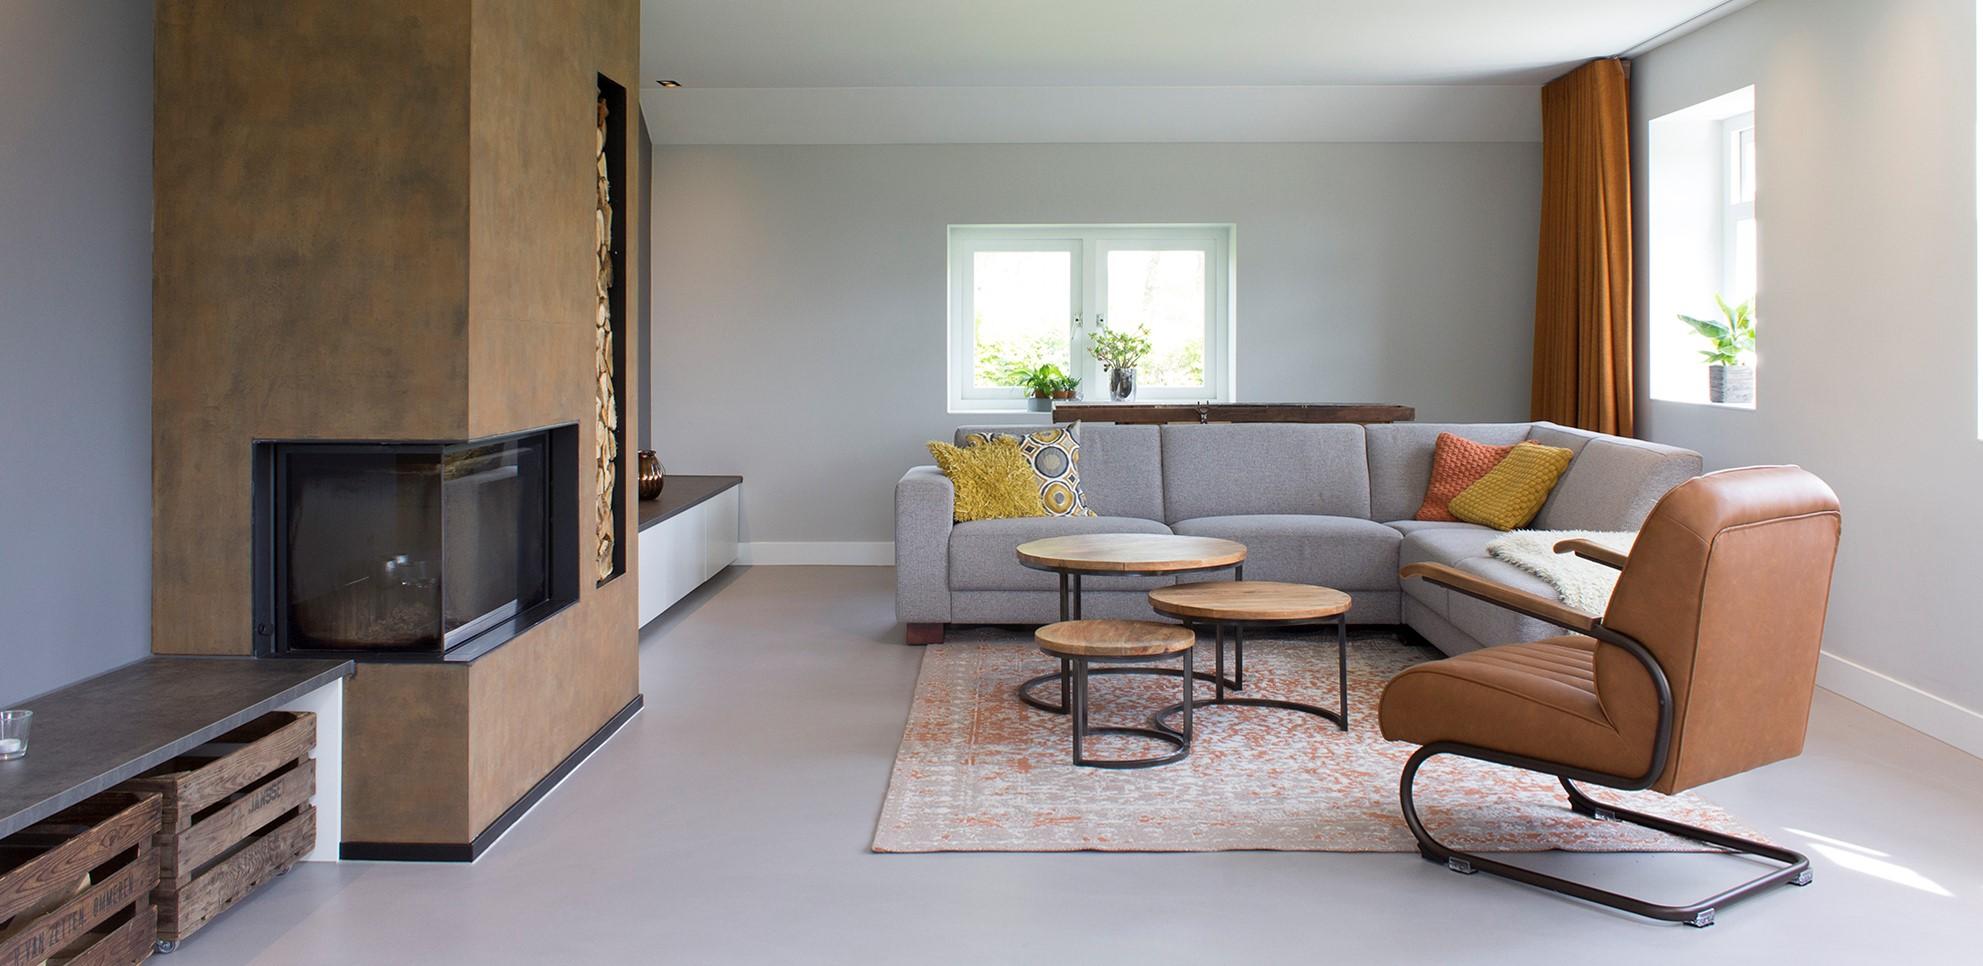 BinnenID_woonboerderij_modern_interieur_advies_woonkamer